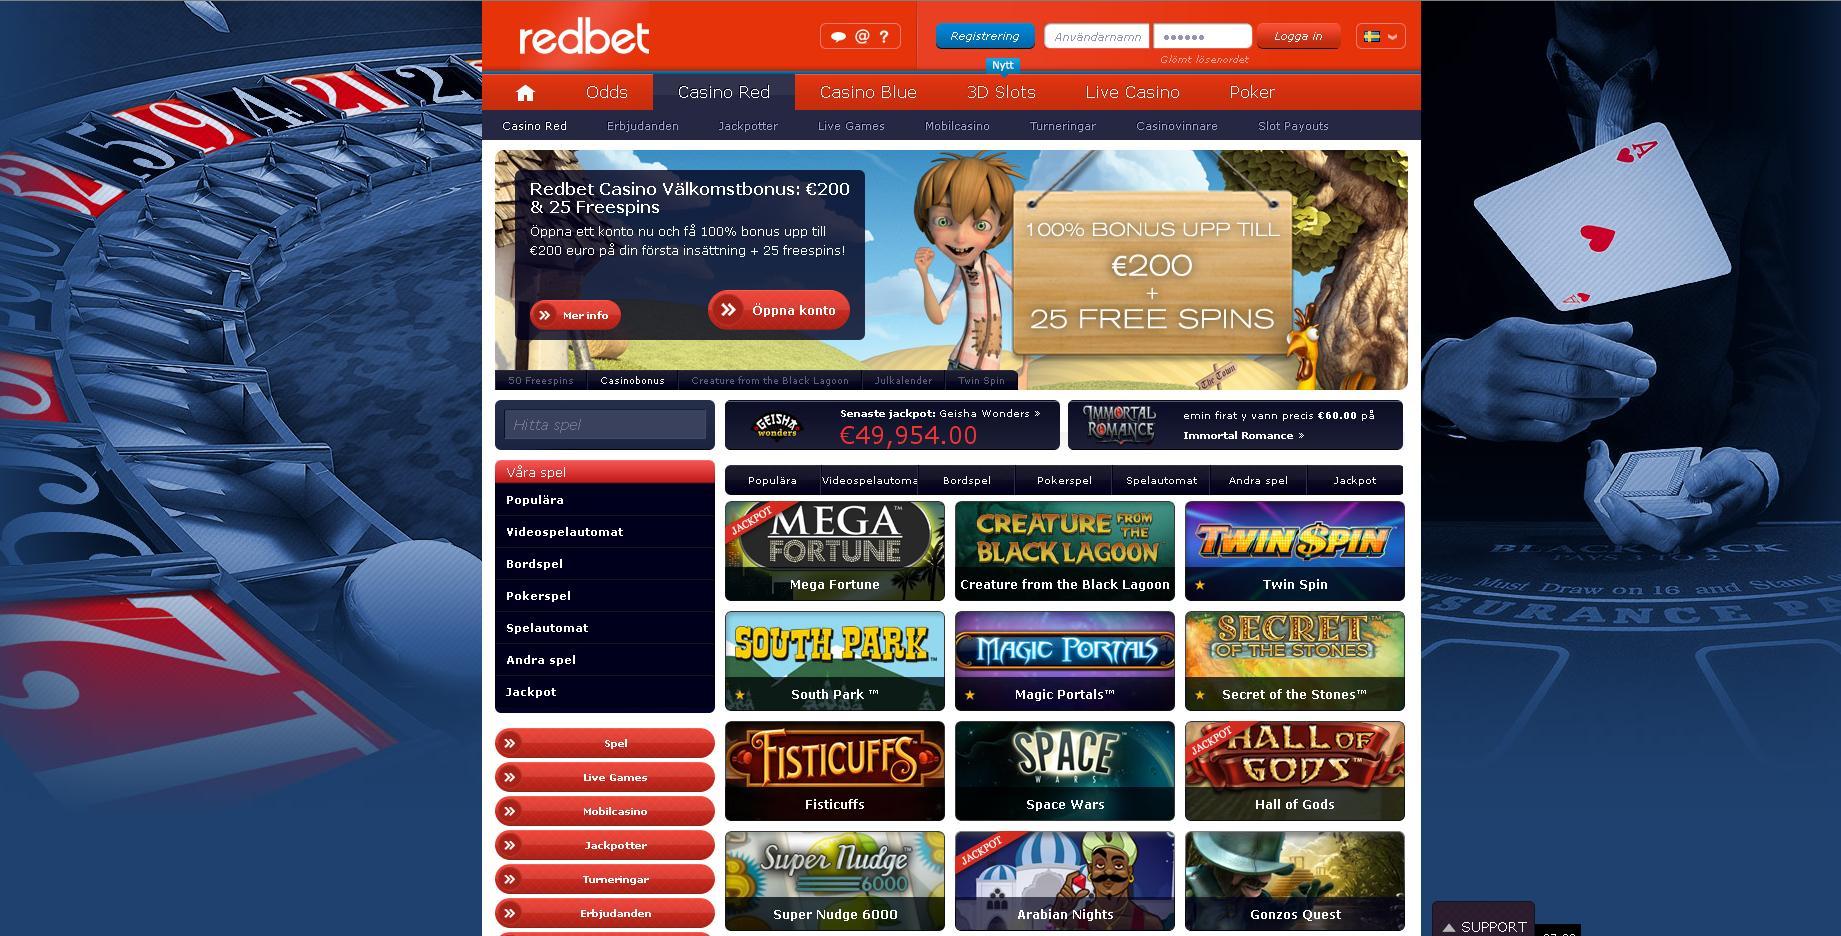 RedBetScreenShot